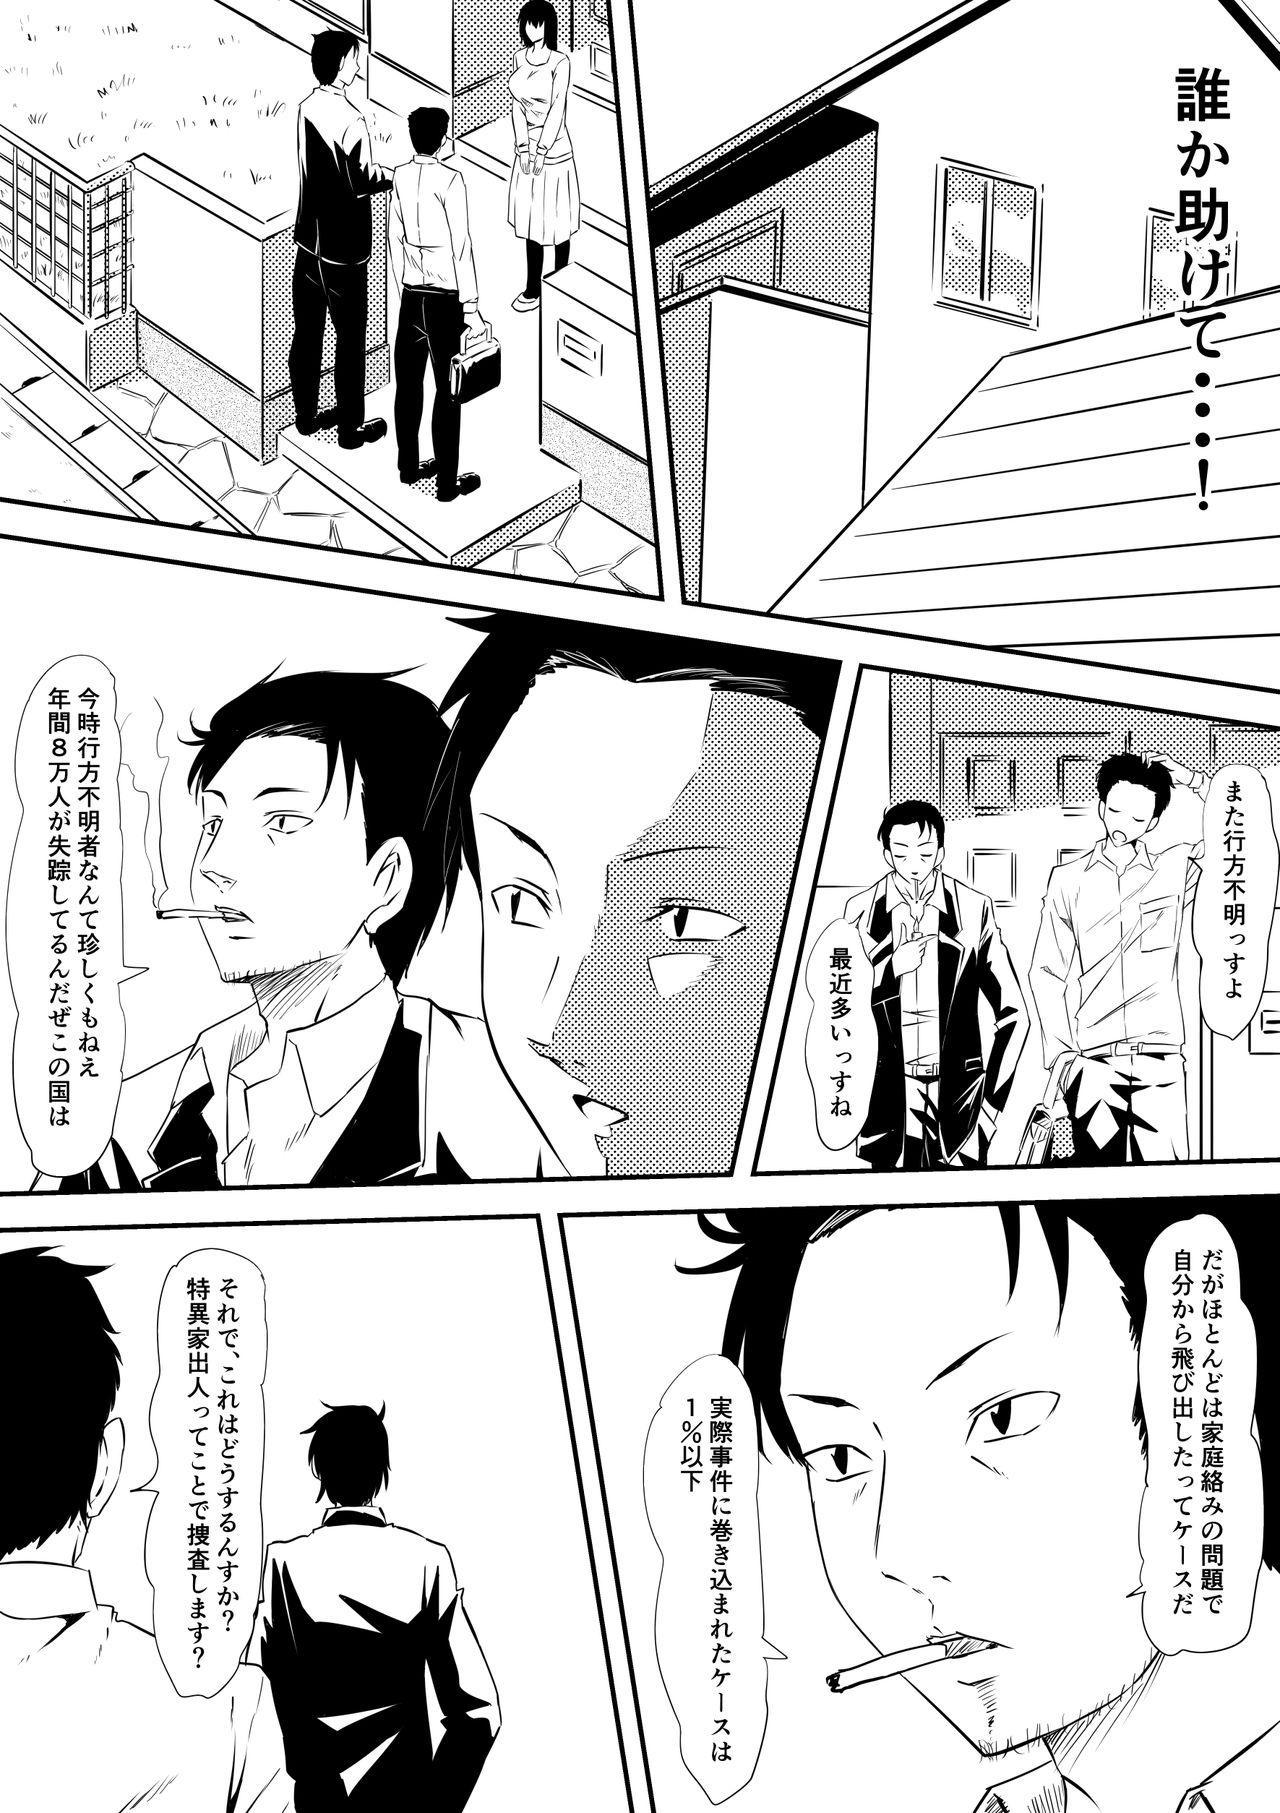 Rikujou Shoujo Kankin Ryoujoku Choukyou Monogatari 14